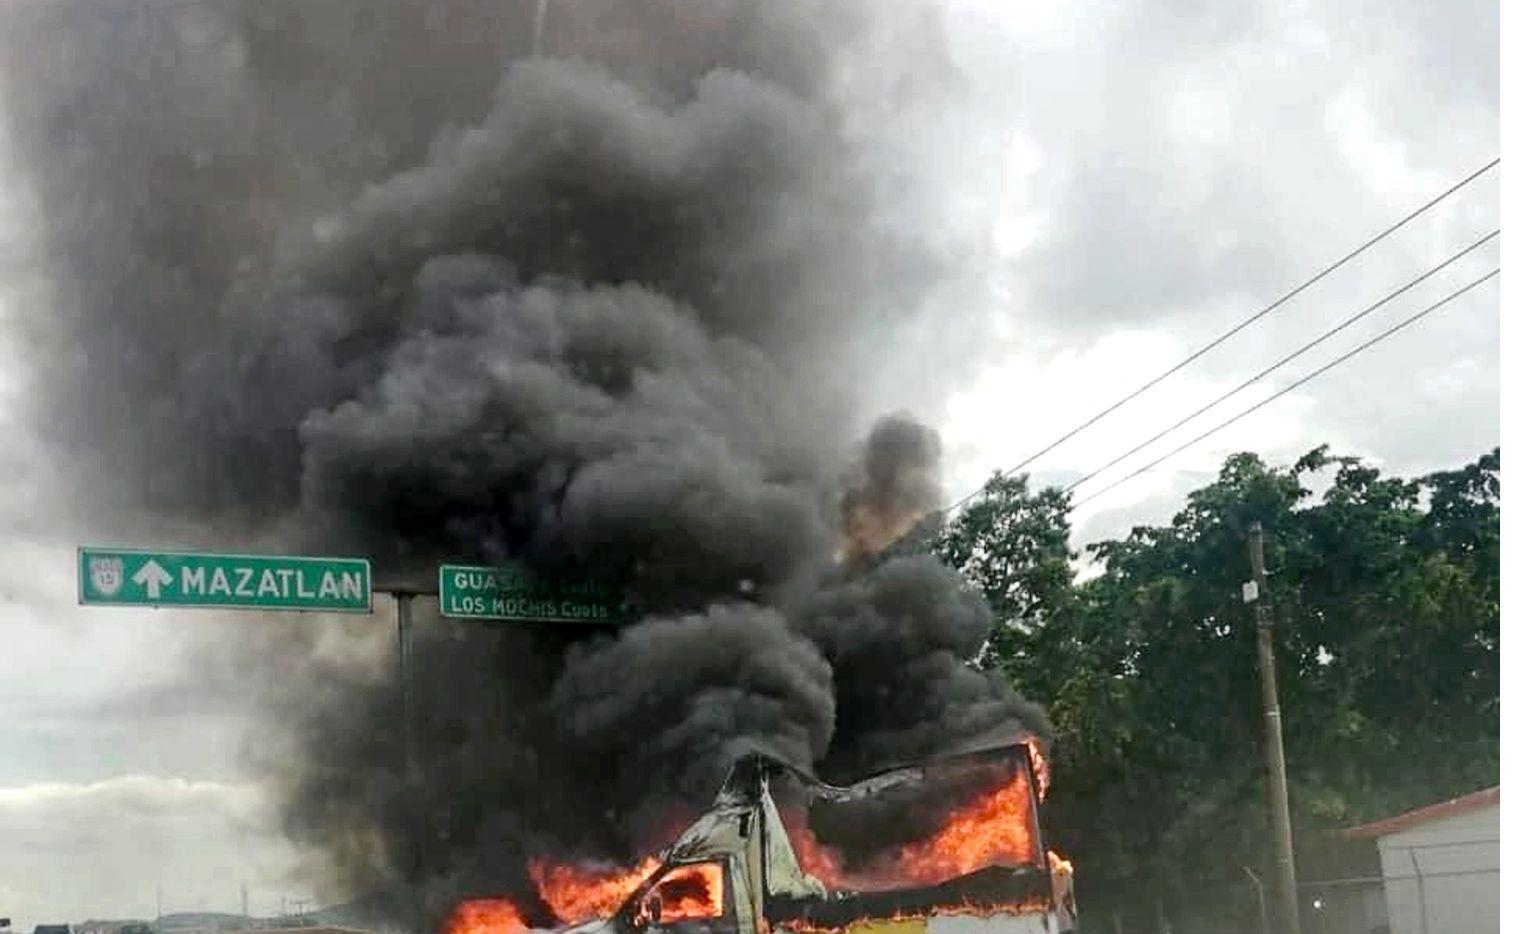 La imagen muestra uno de los múltiples vehículos que fueron incendiados el 17 de octubre de 2019 durante el operativo fallido en el que el gobierno intentó capturar al hijo de Joaquín 'El Chapo' Guzman en Culiacán, Sinaloa.